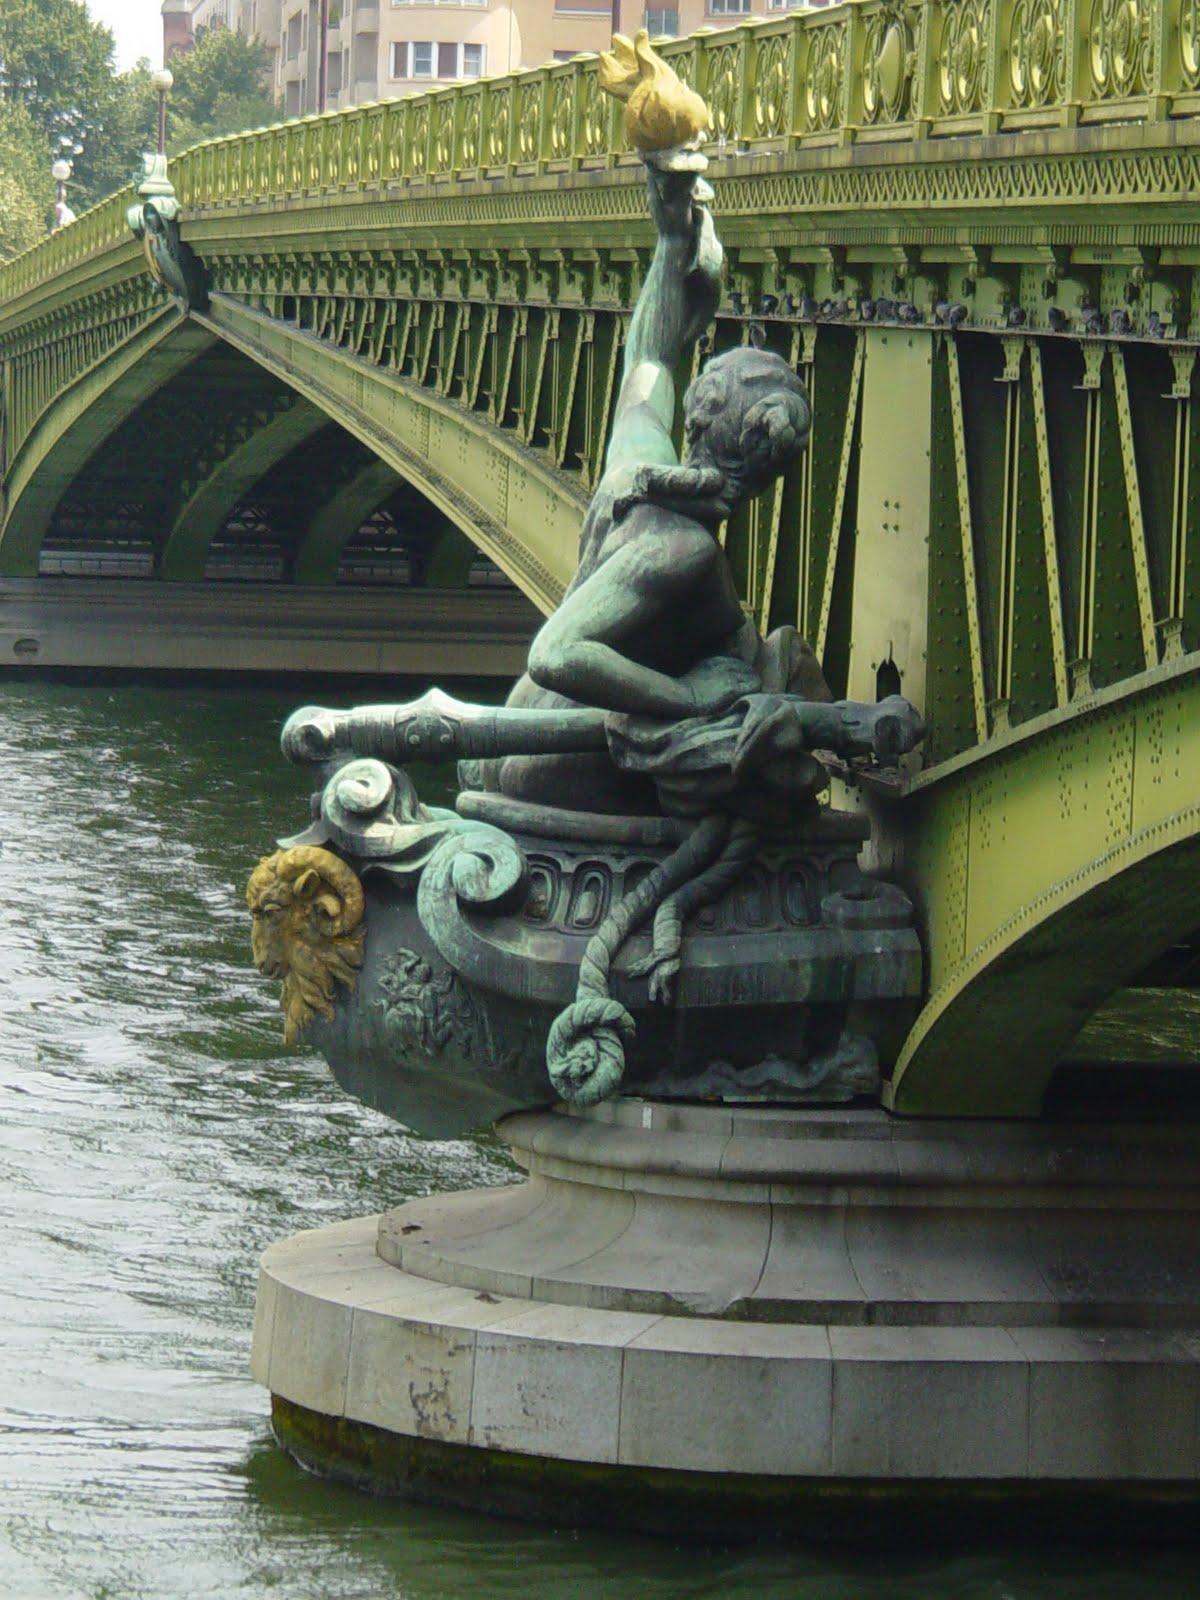 le pont mirabeau muse d apollinaire paris d 39 un pont. Black Bedroom Furniture Sets. Home Design Ideas